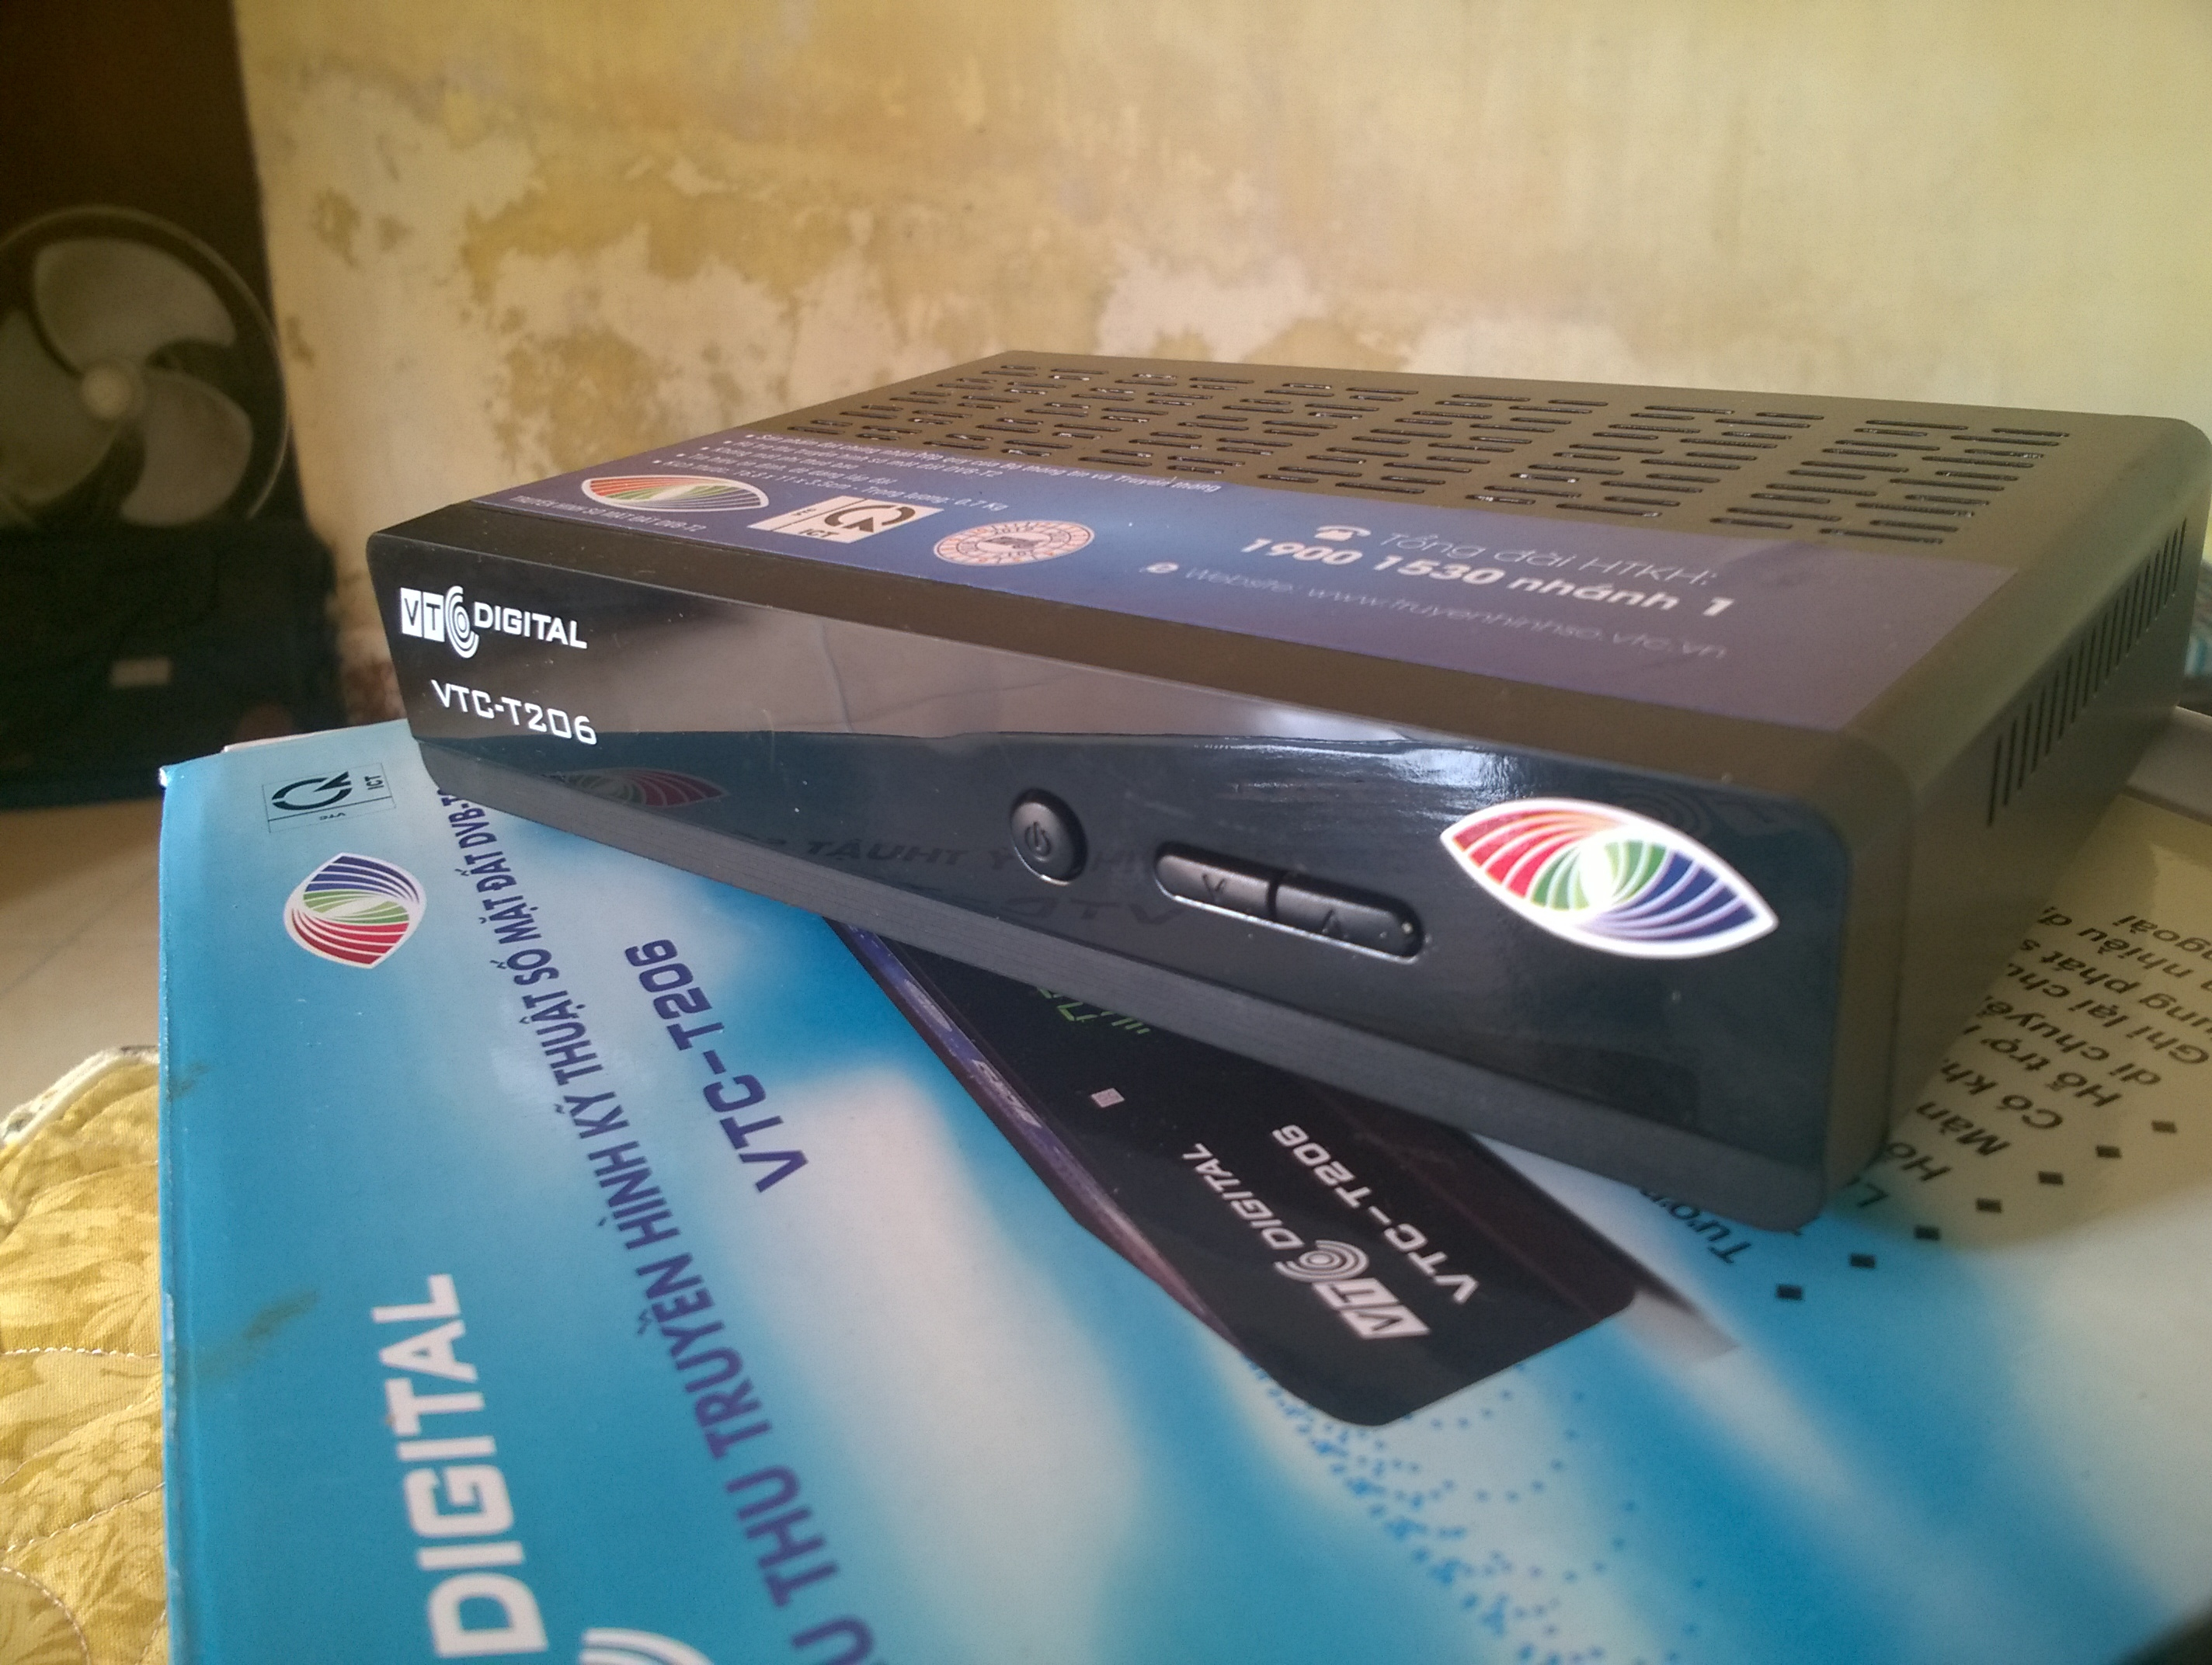 [Review] Cảm nhận nhanh về đầu thu kts mặt đất DVB T206 của VTC 6BKMx5